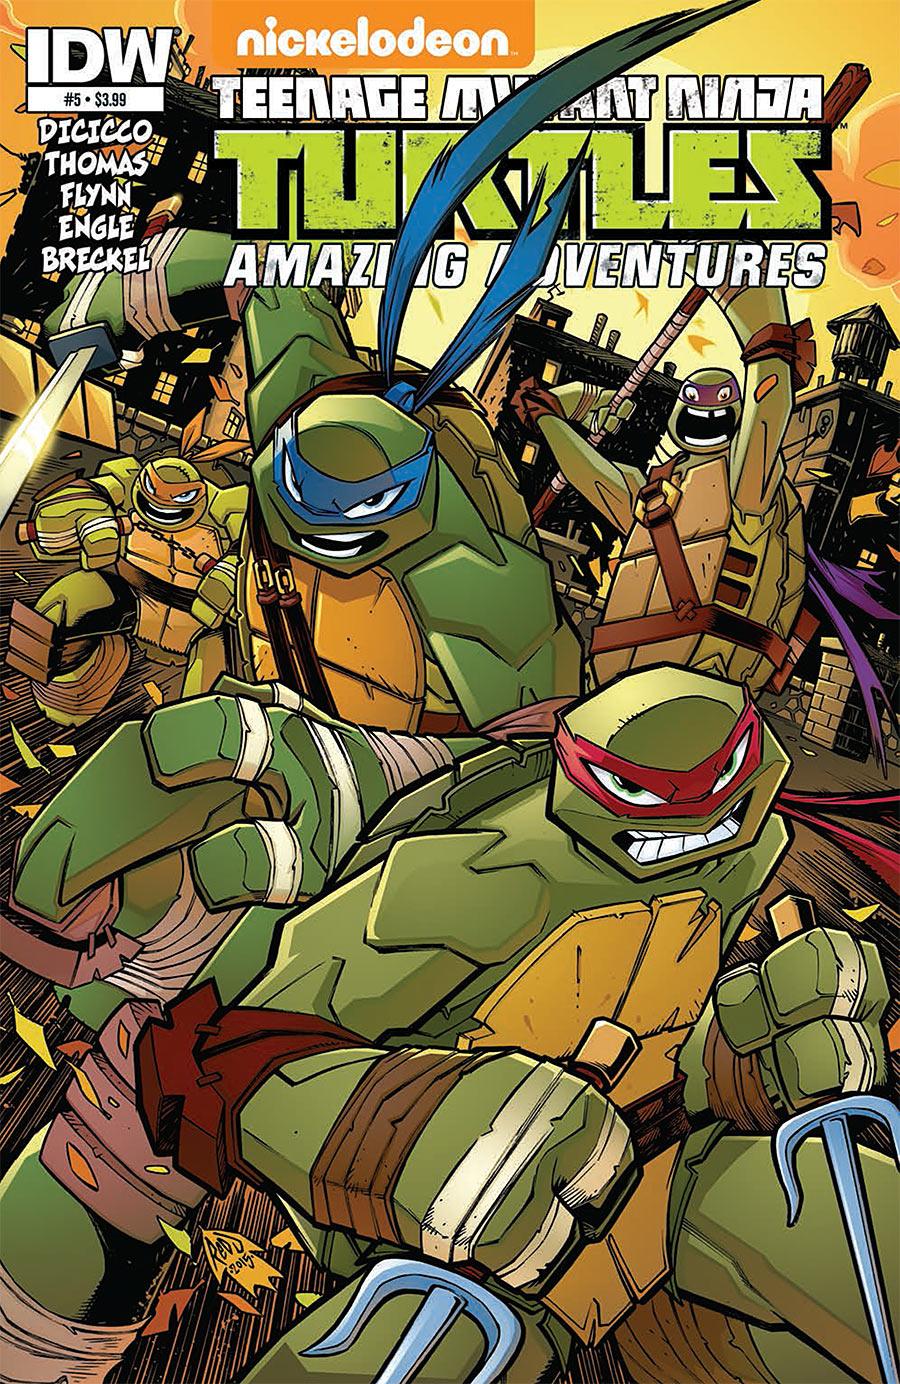 Teenage Mutant Ninja Turtles: Amazing Adventures #5